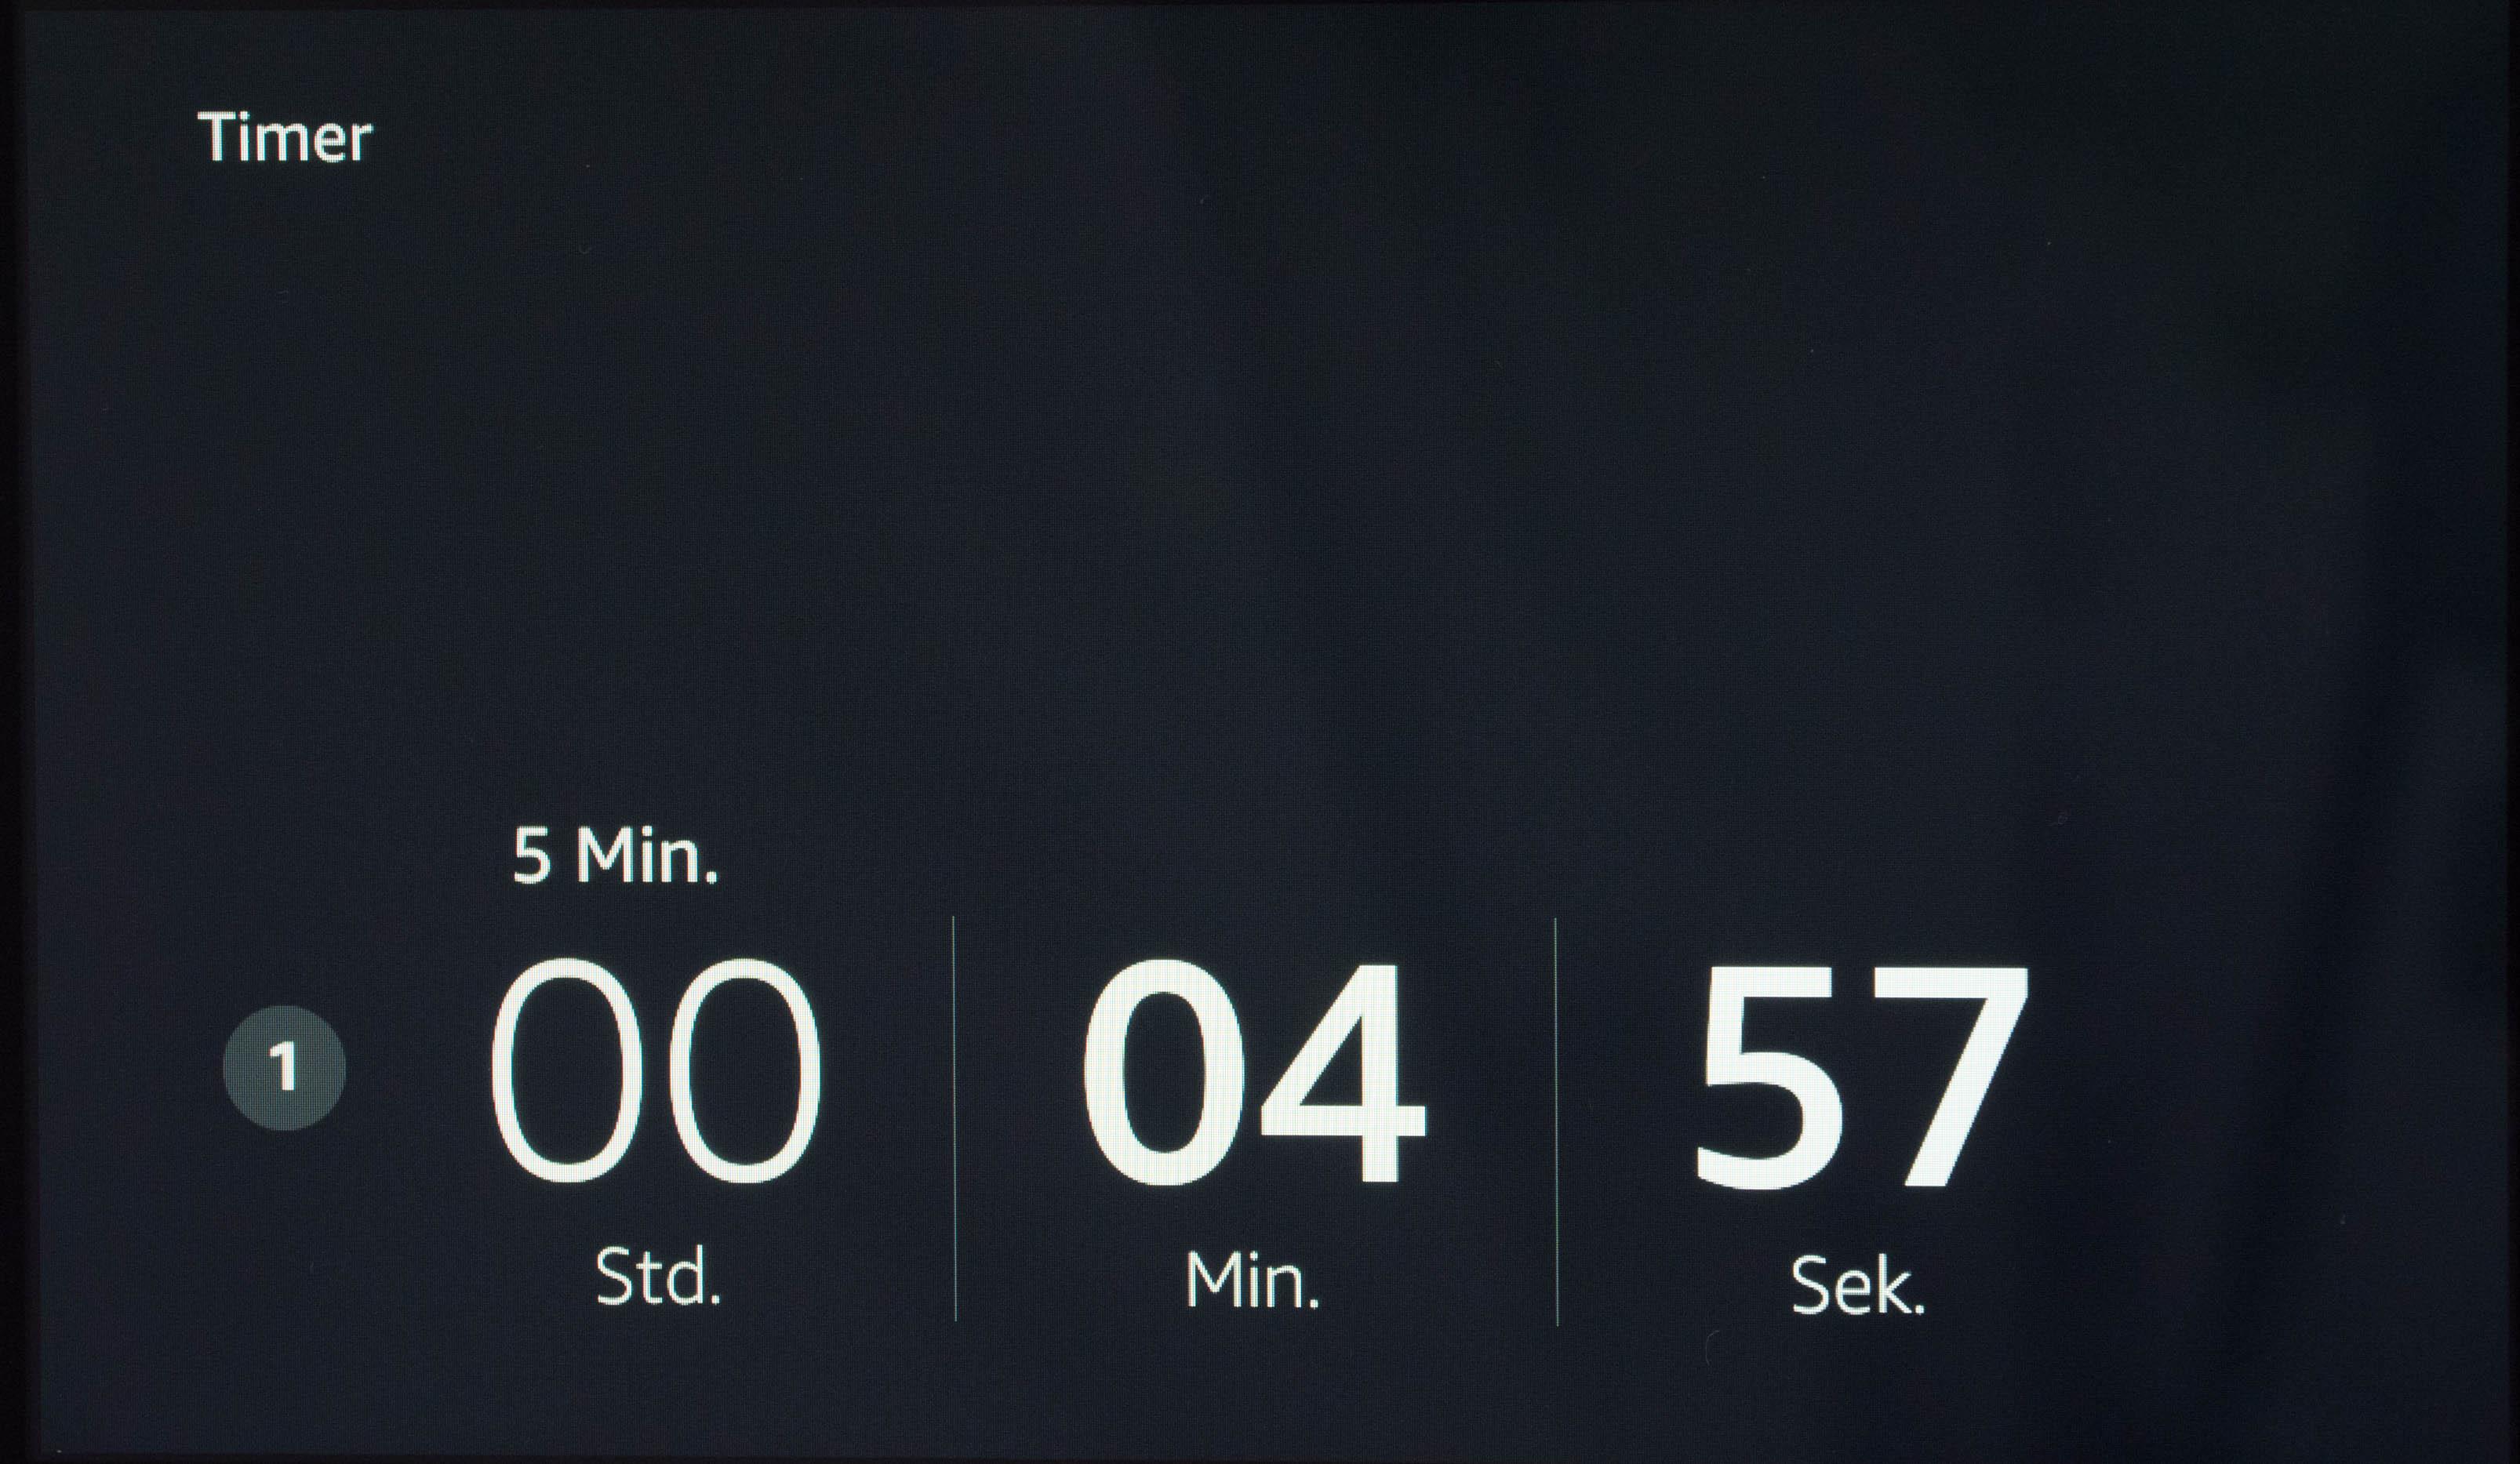 Echo Show vs. Fire HD 10 im Test: Alexa, zeig's mir! - Ein mit Alexa gestellter Timer (Bild: Martin Wolf/Golem.de)